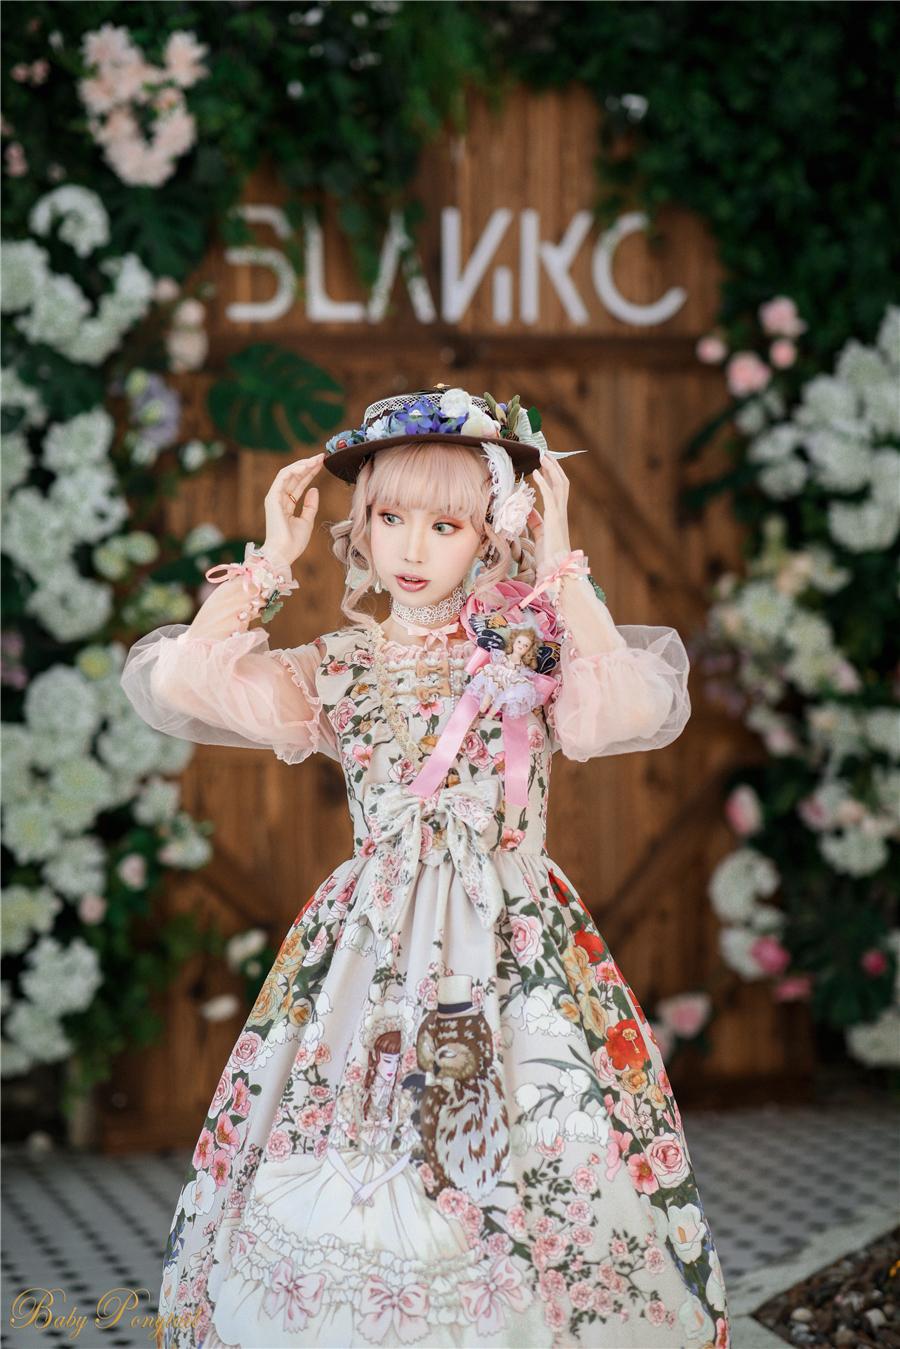 Baby Ponytail_Model Photo_Polly's Garden of Dreams_JSK Ivory_Kaka04.jpg